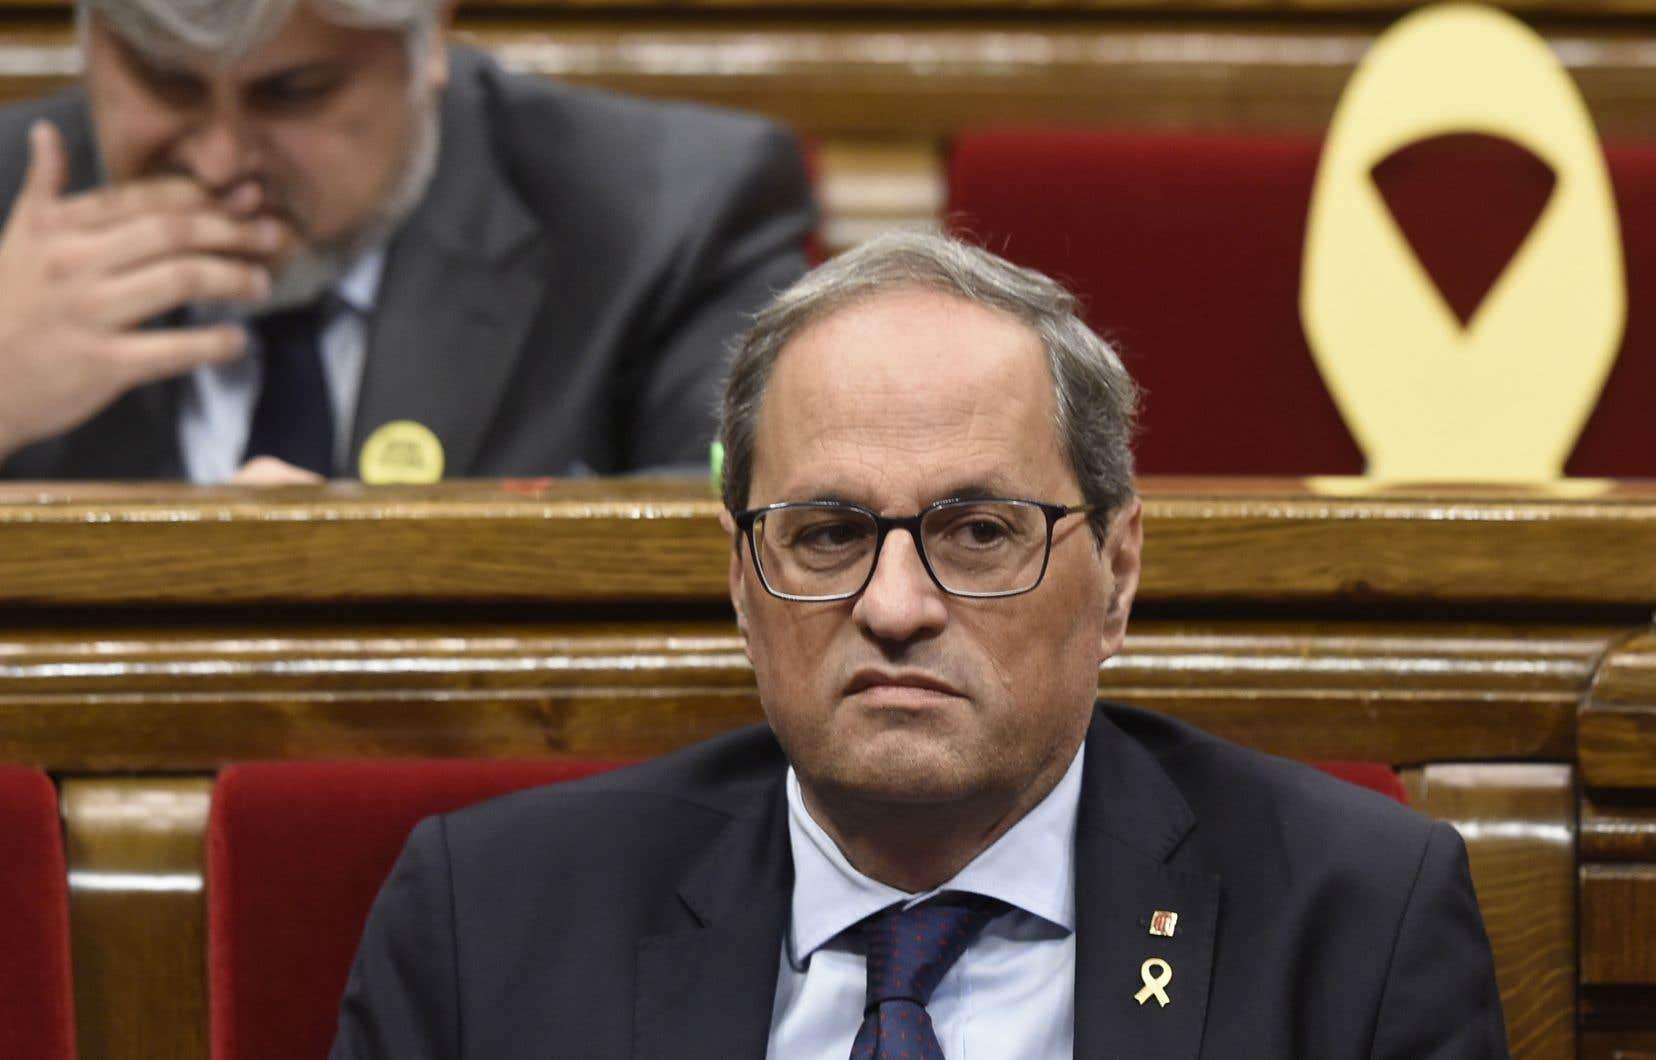 Le parquet réclame 20 mois d'inéligibilité à l'encontre de M. Torraet une amende de 30000 euros (près de 44 000$).